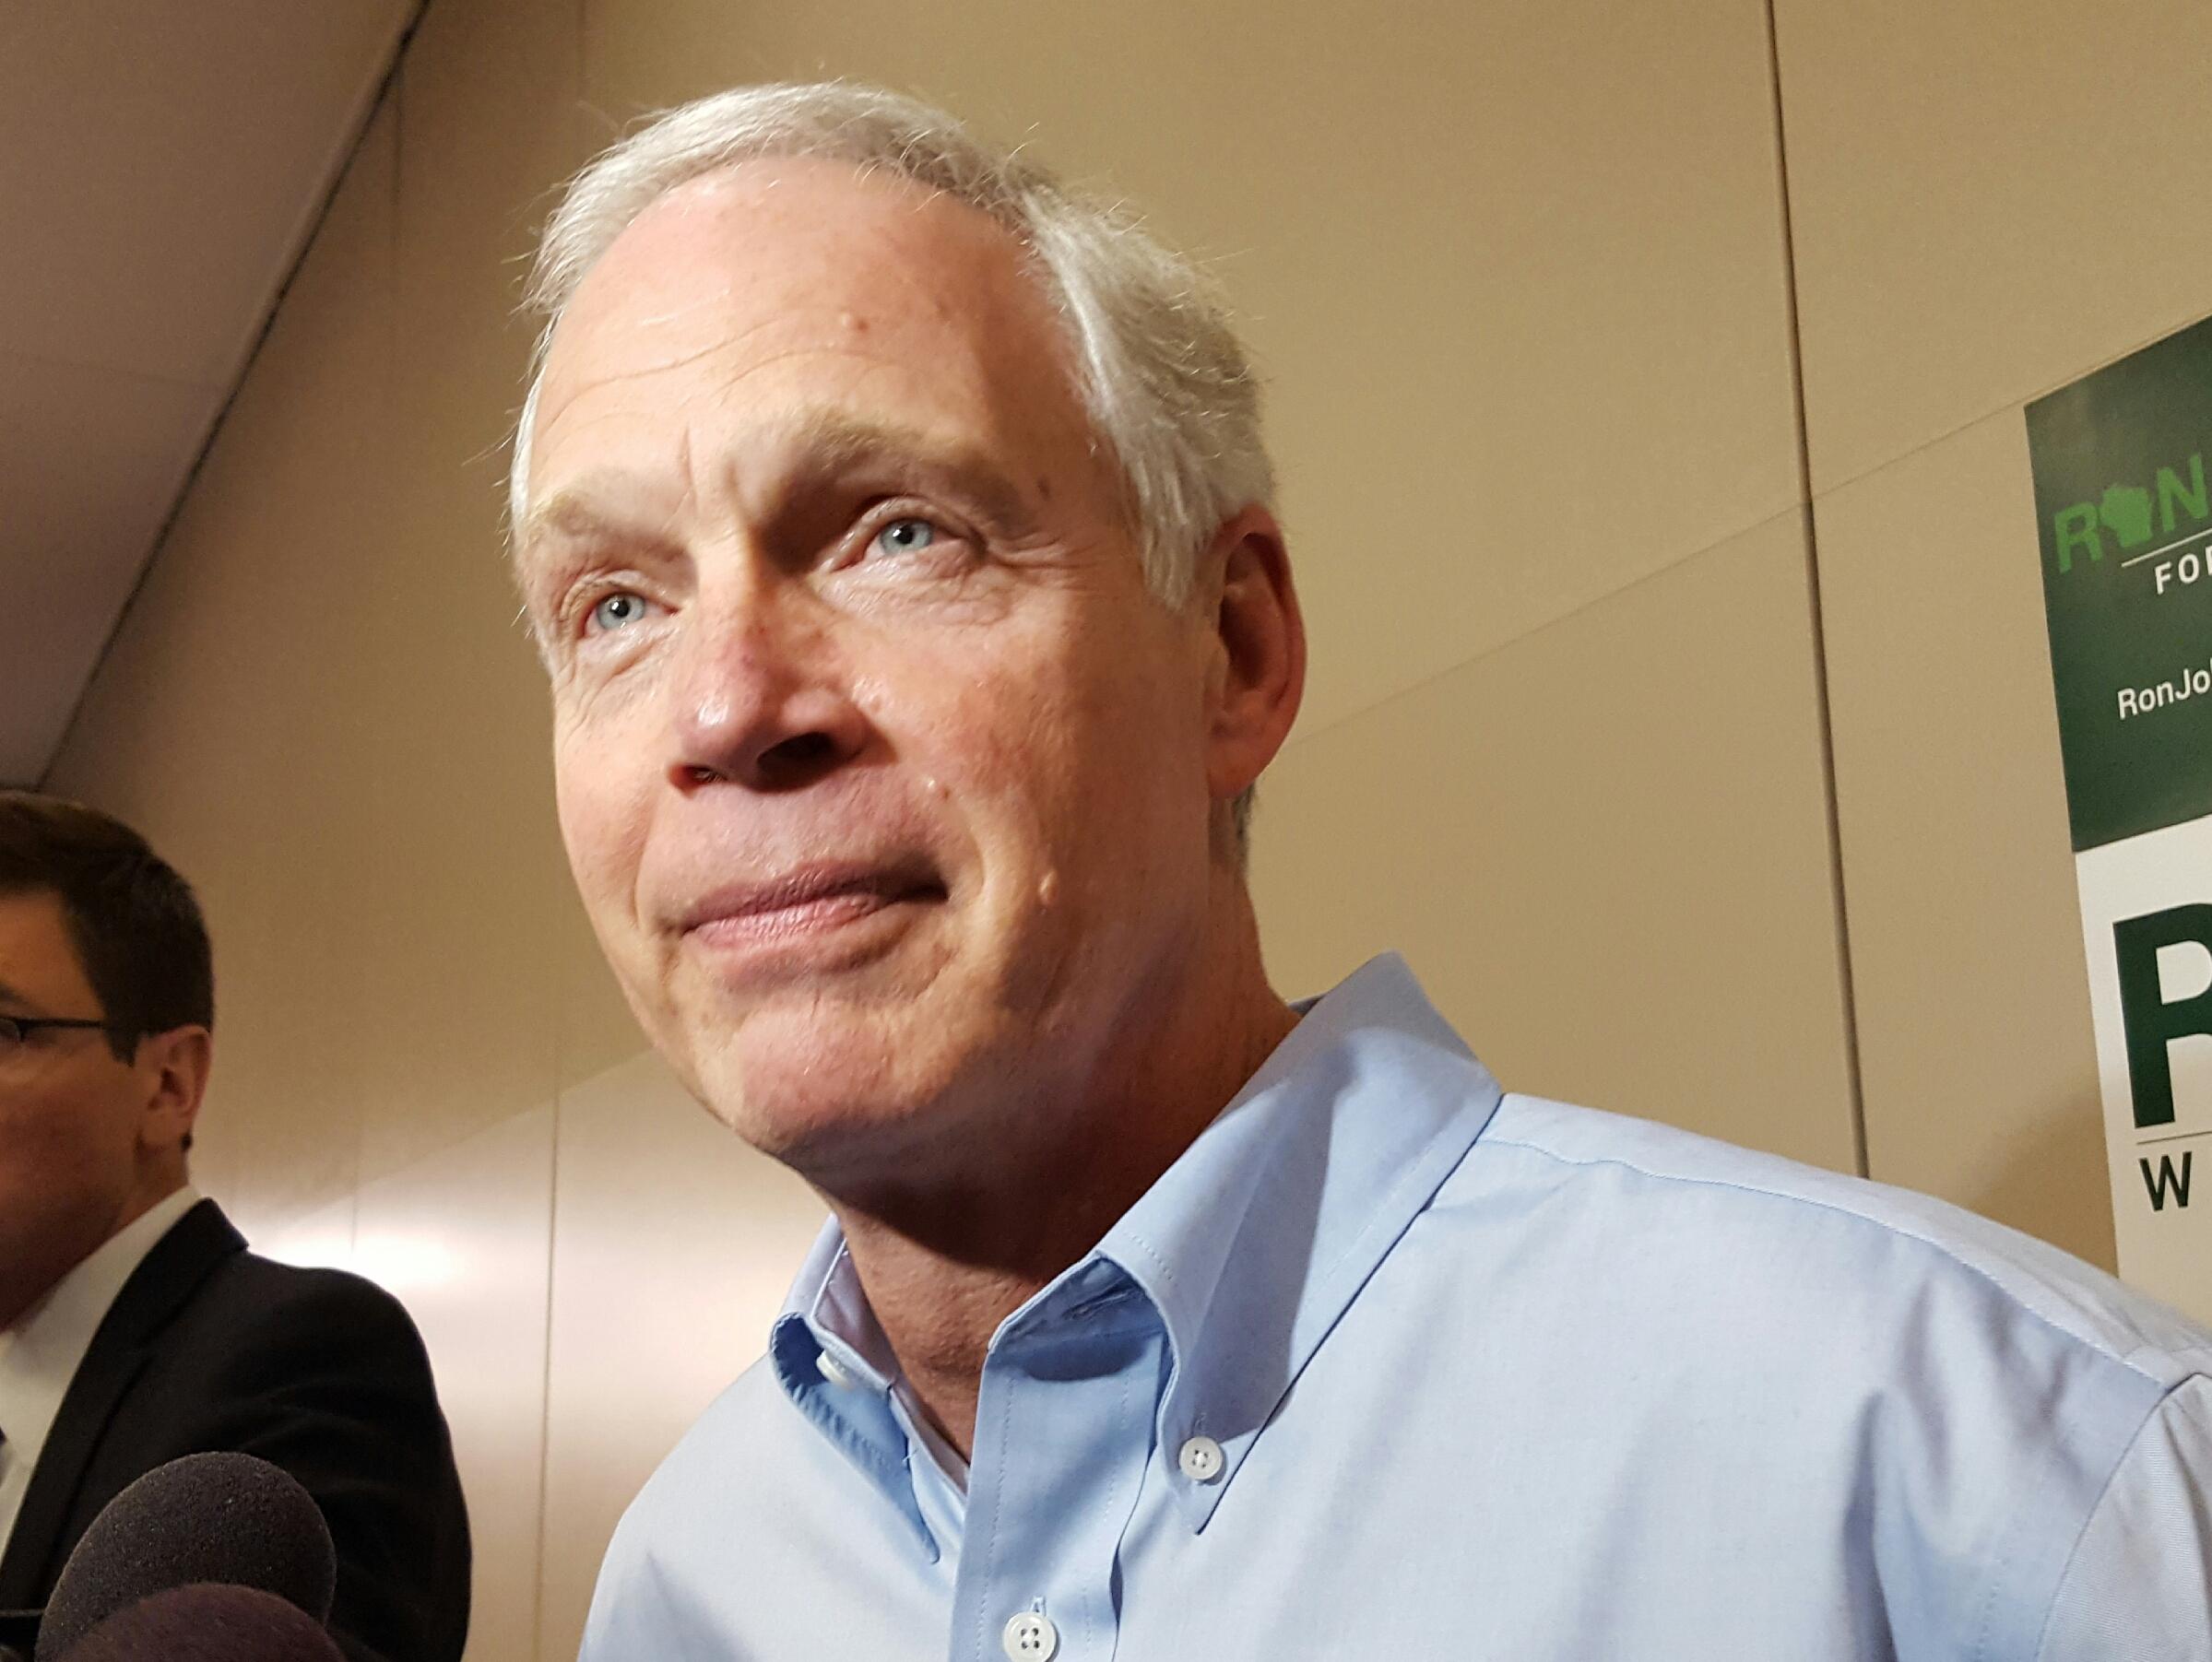 Senator Johnson draws rebuke from documentary filmmaker